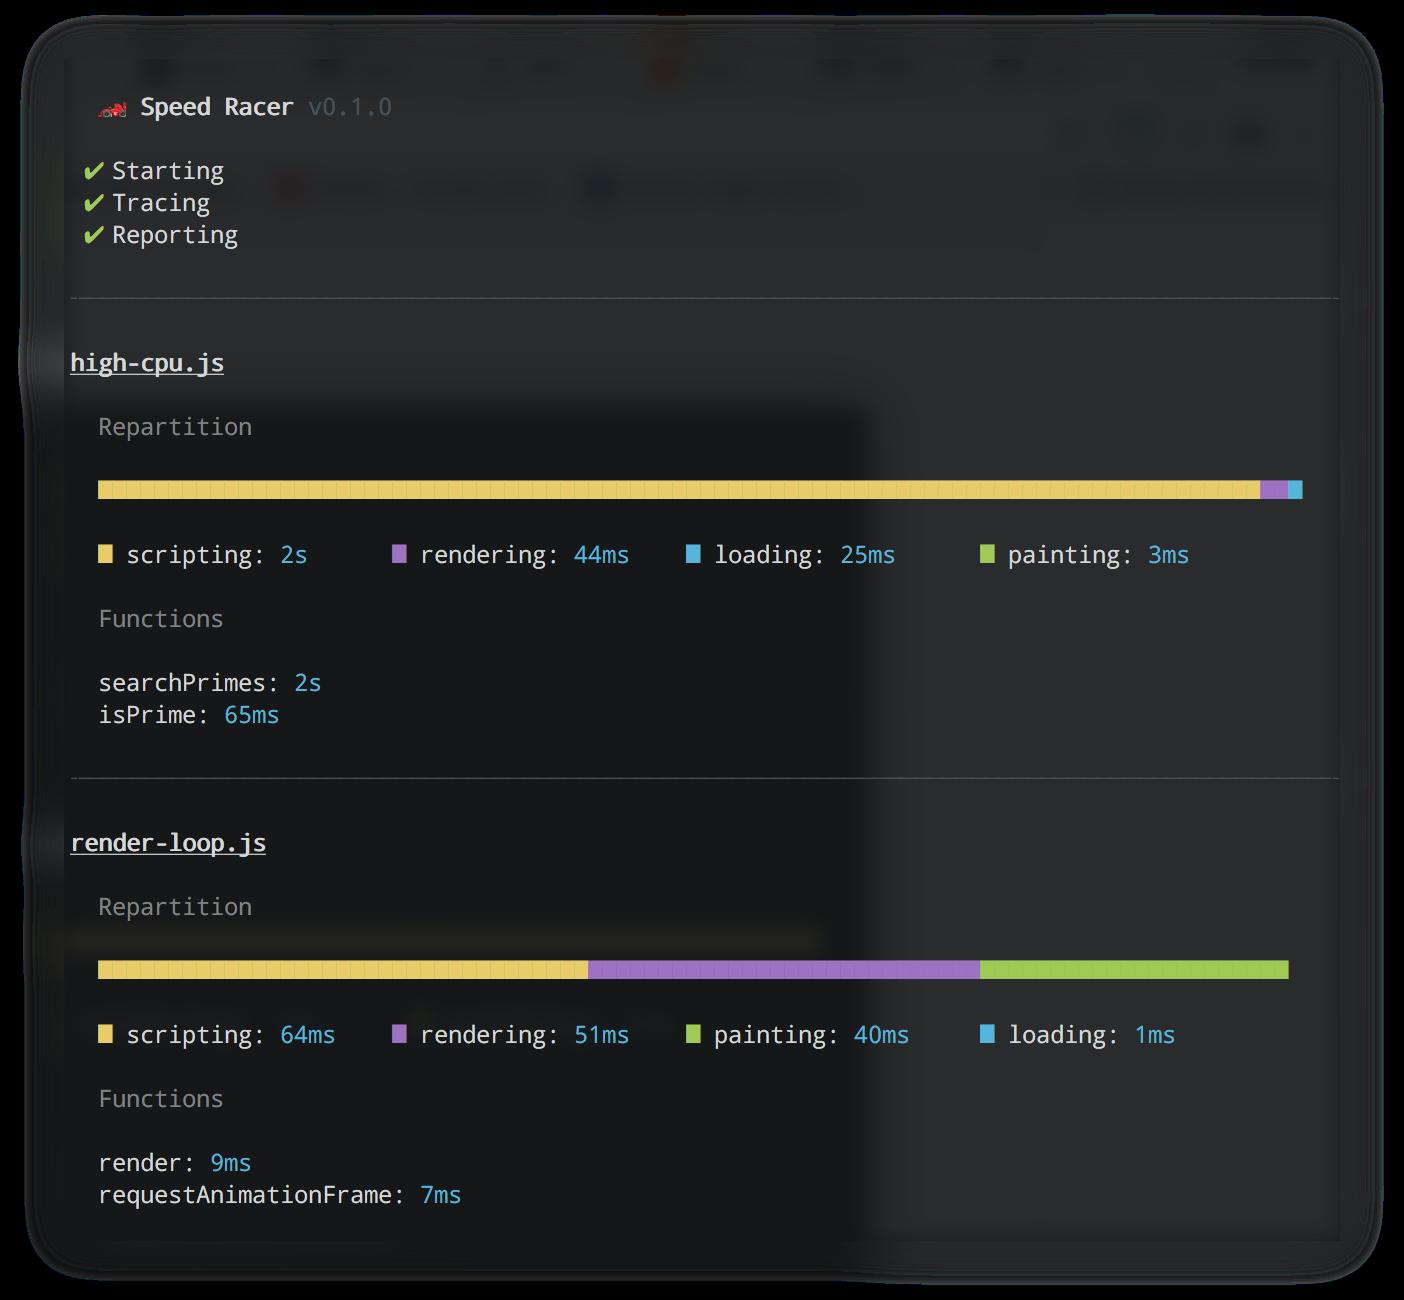 speedracer - скрипт покажет метрики производительности ваших js скриптов